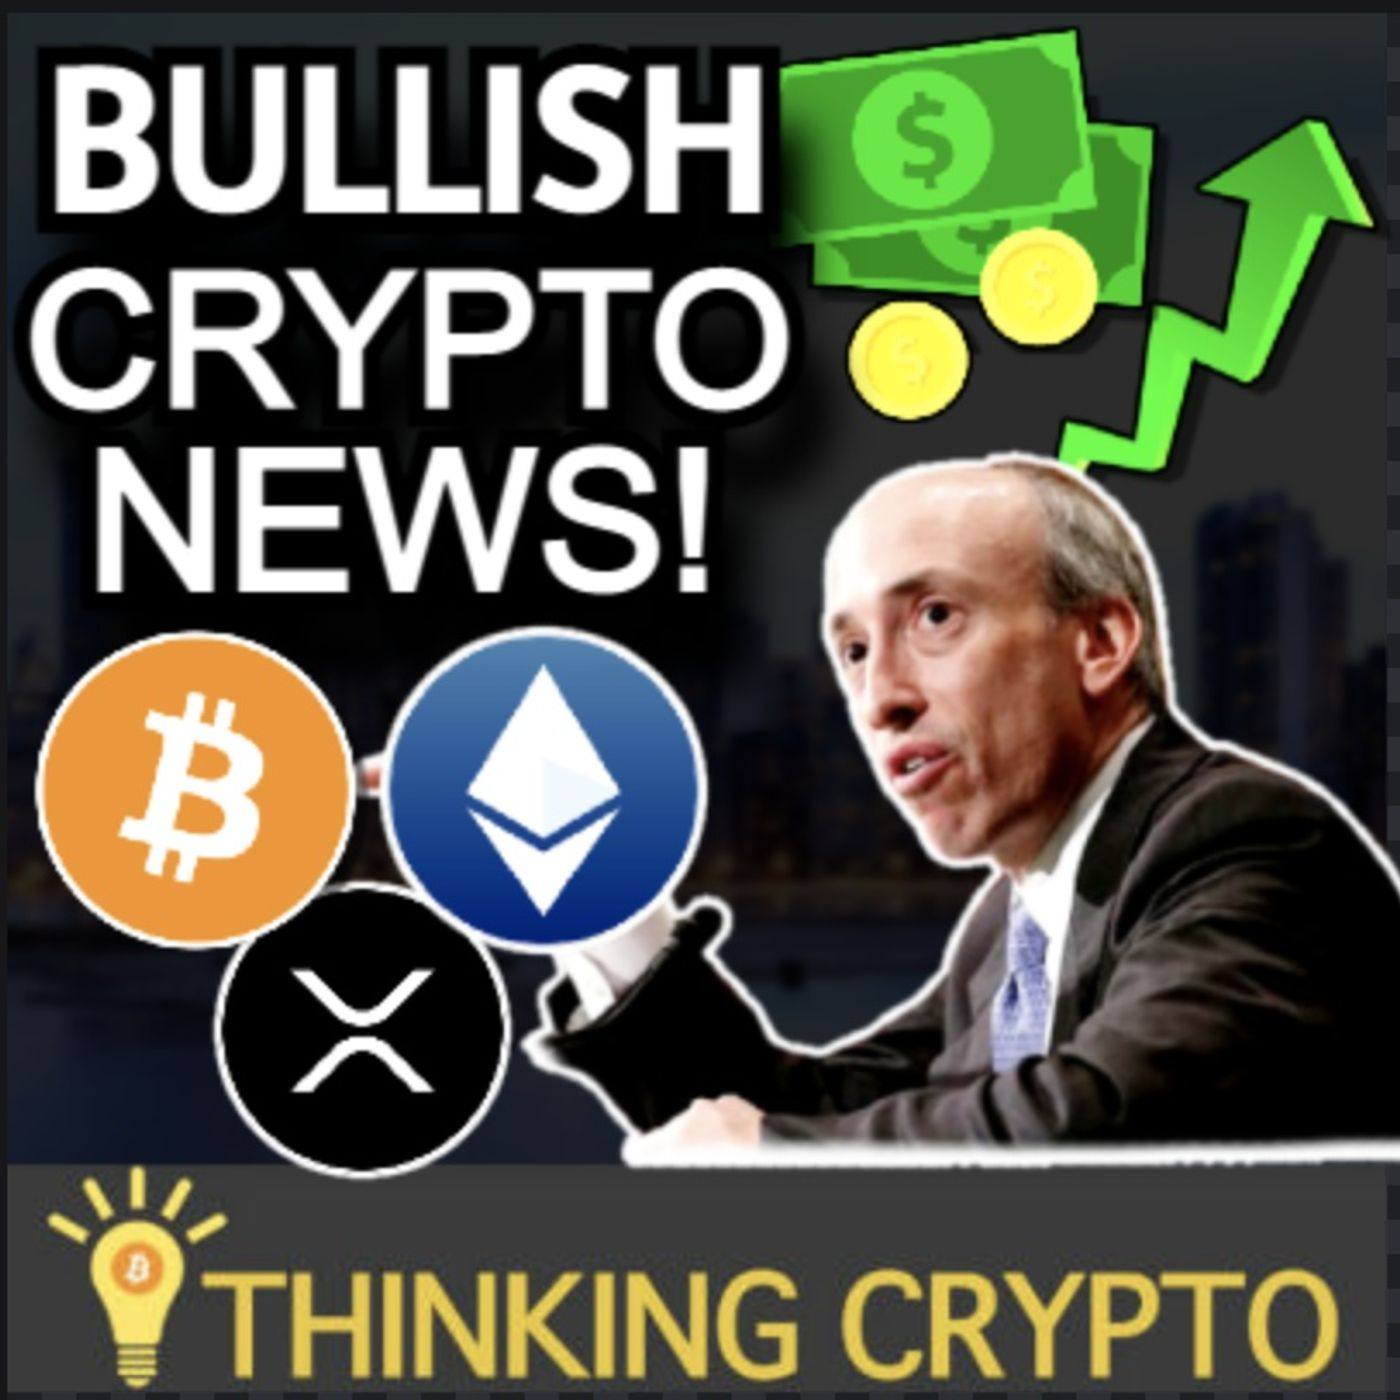 SEC Approves BITCOIN Company ETF - Germany Bank Crypto Custody - Senator Lummis Buys $100K BTC